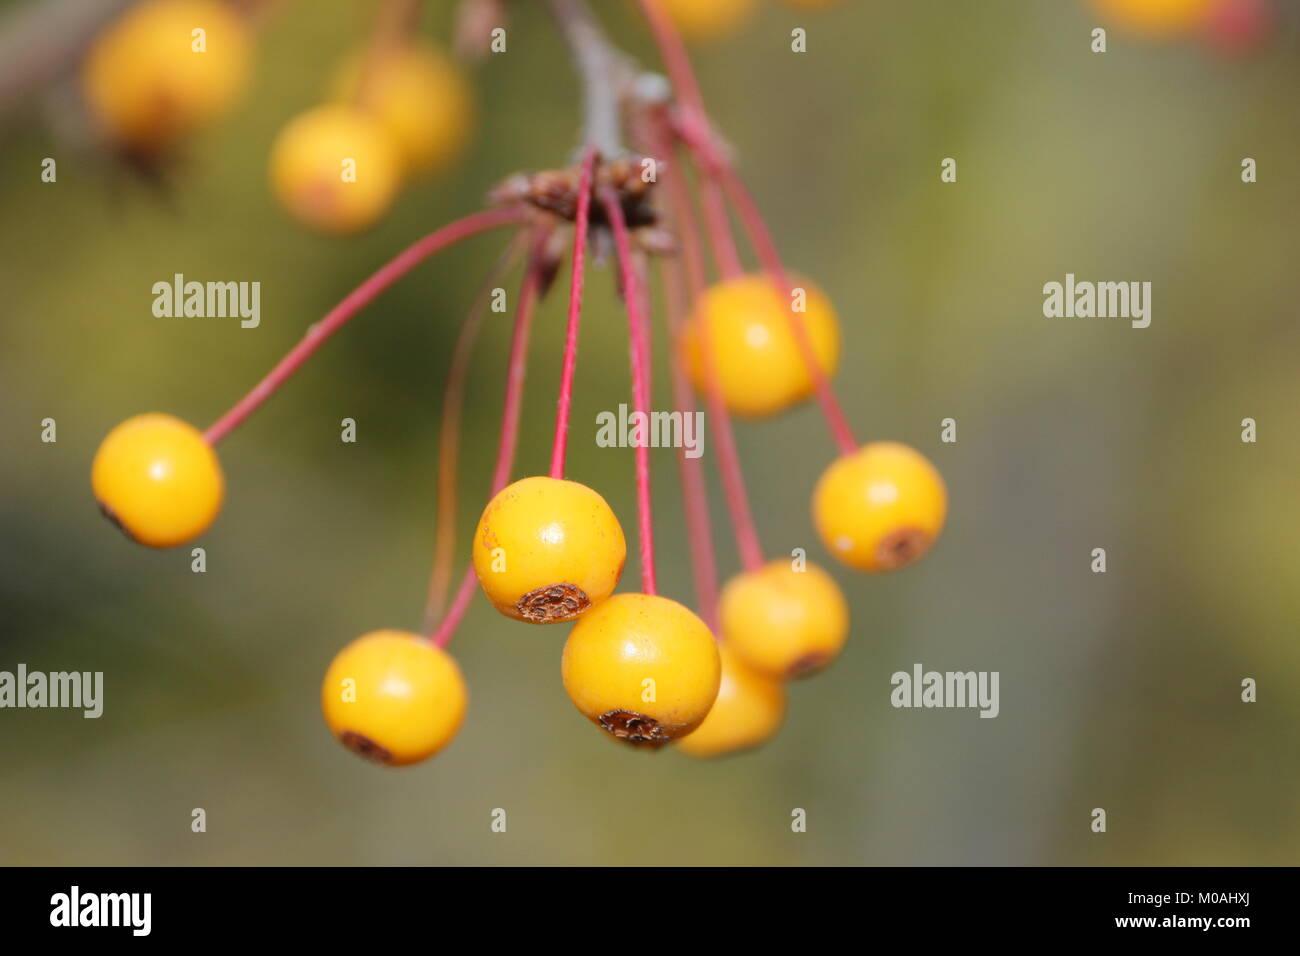 Golden Apple Tree Stock Photos Amp Golden Apple Tree Stock